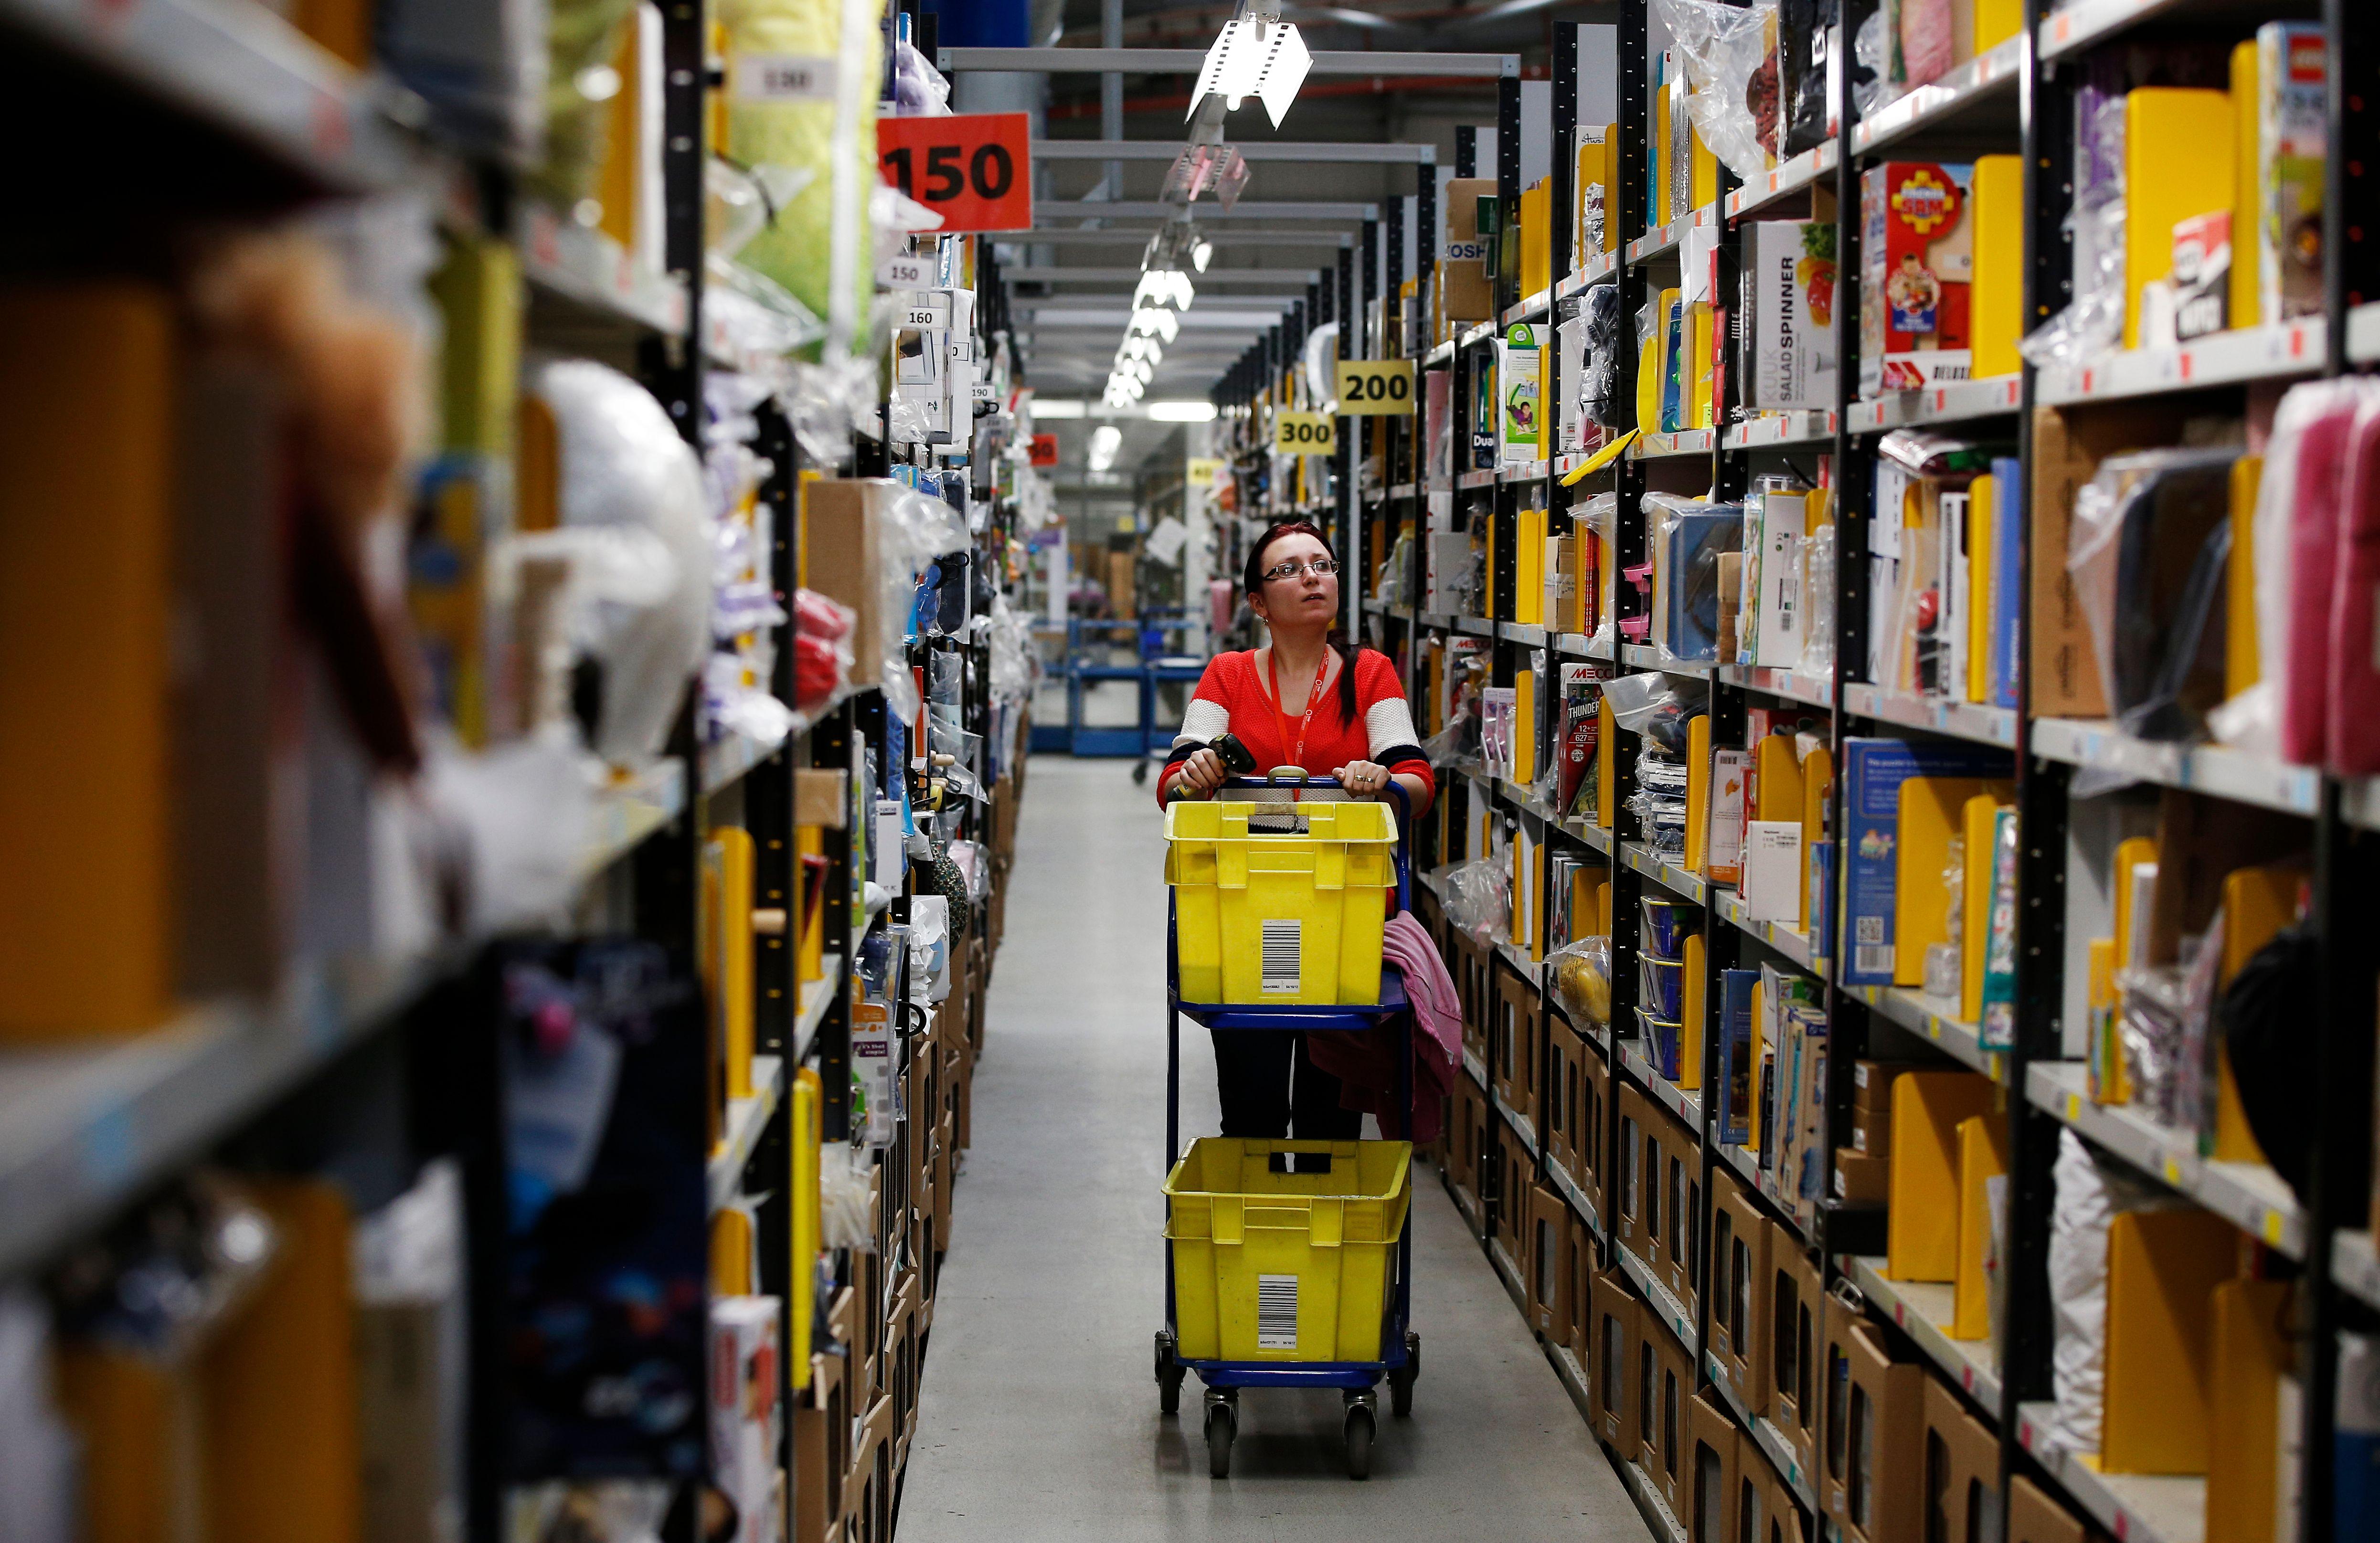 Amazon workers civil unrest brexit